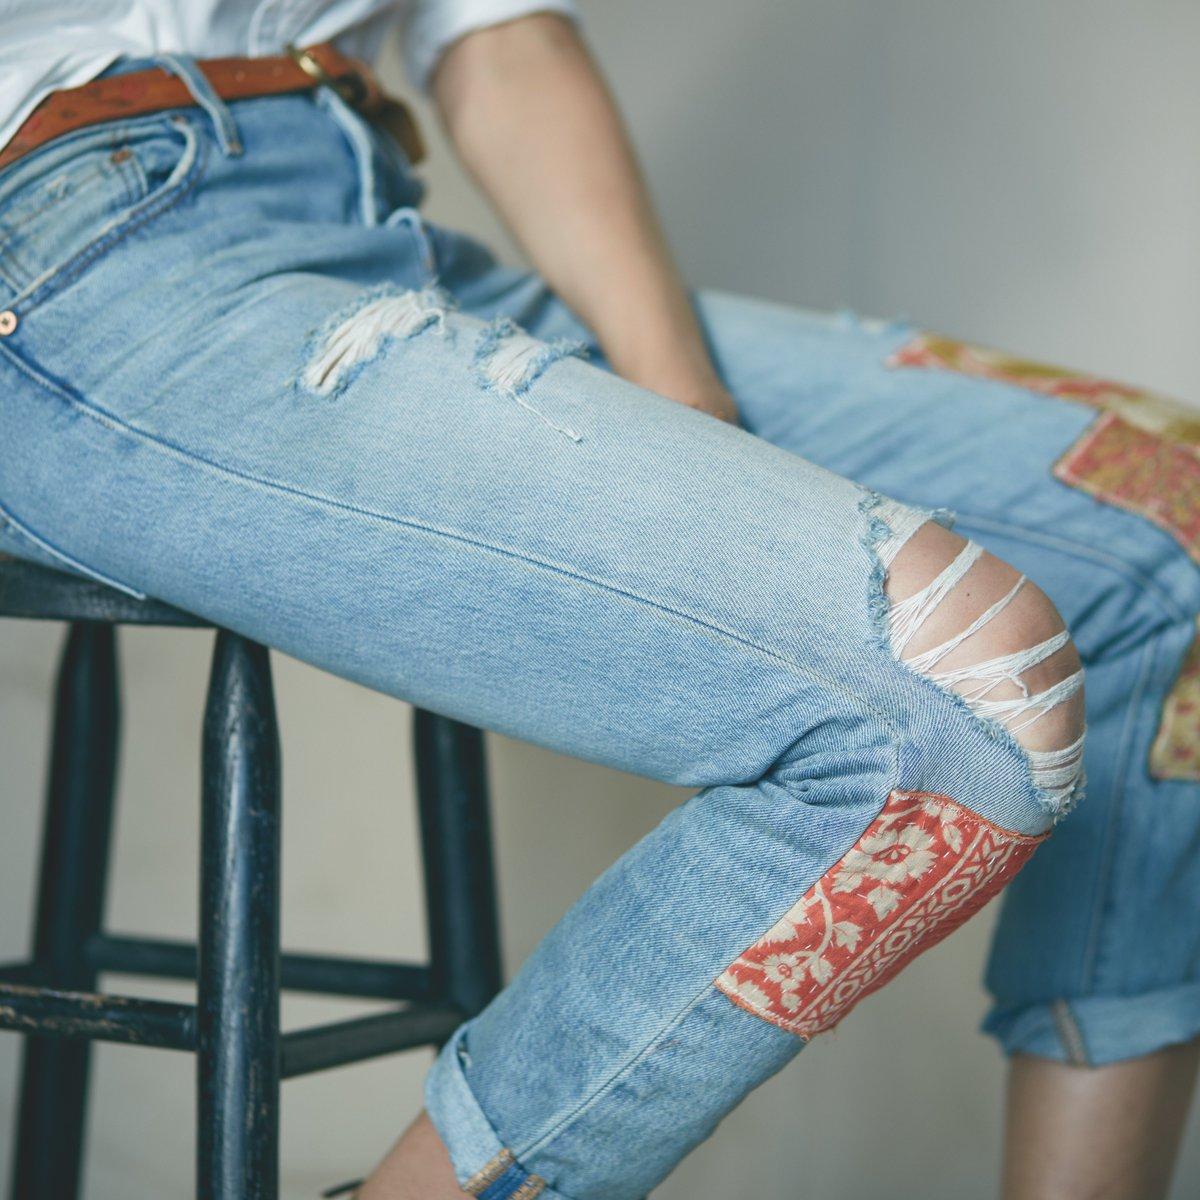 Как ребенку сделать рваные джинсы